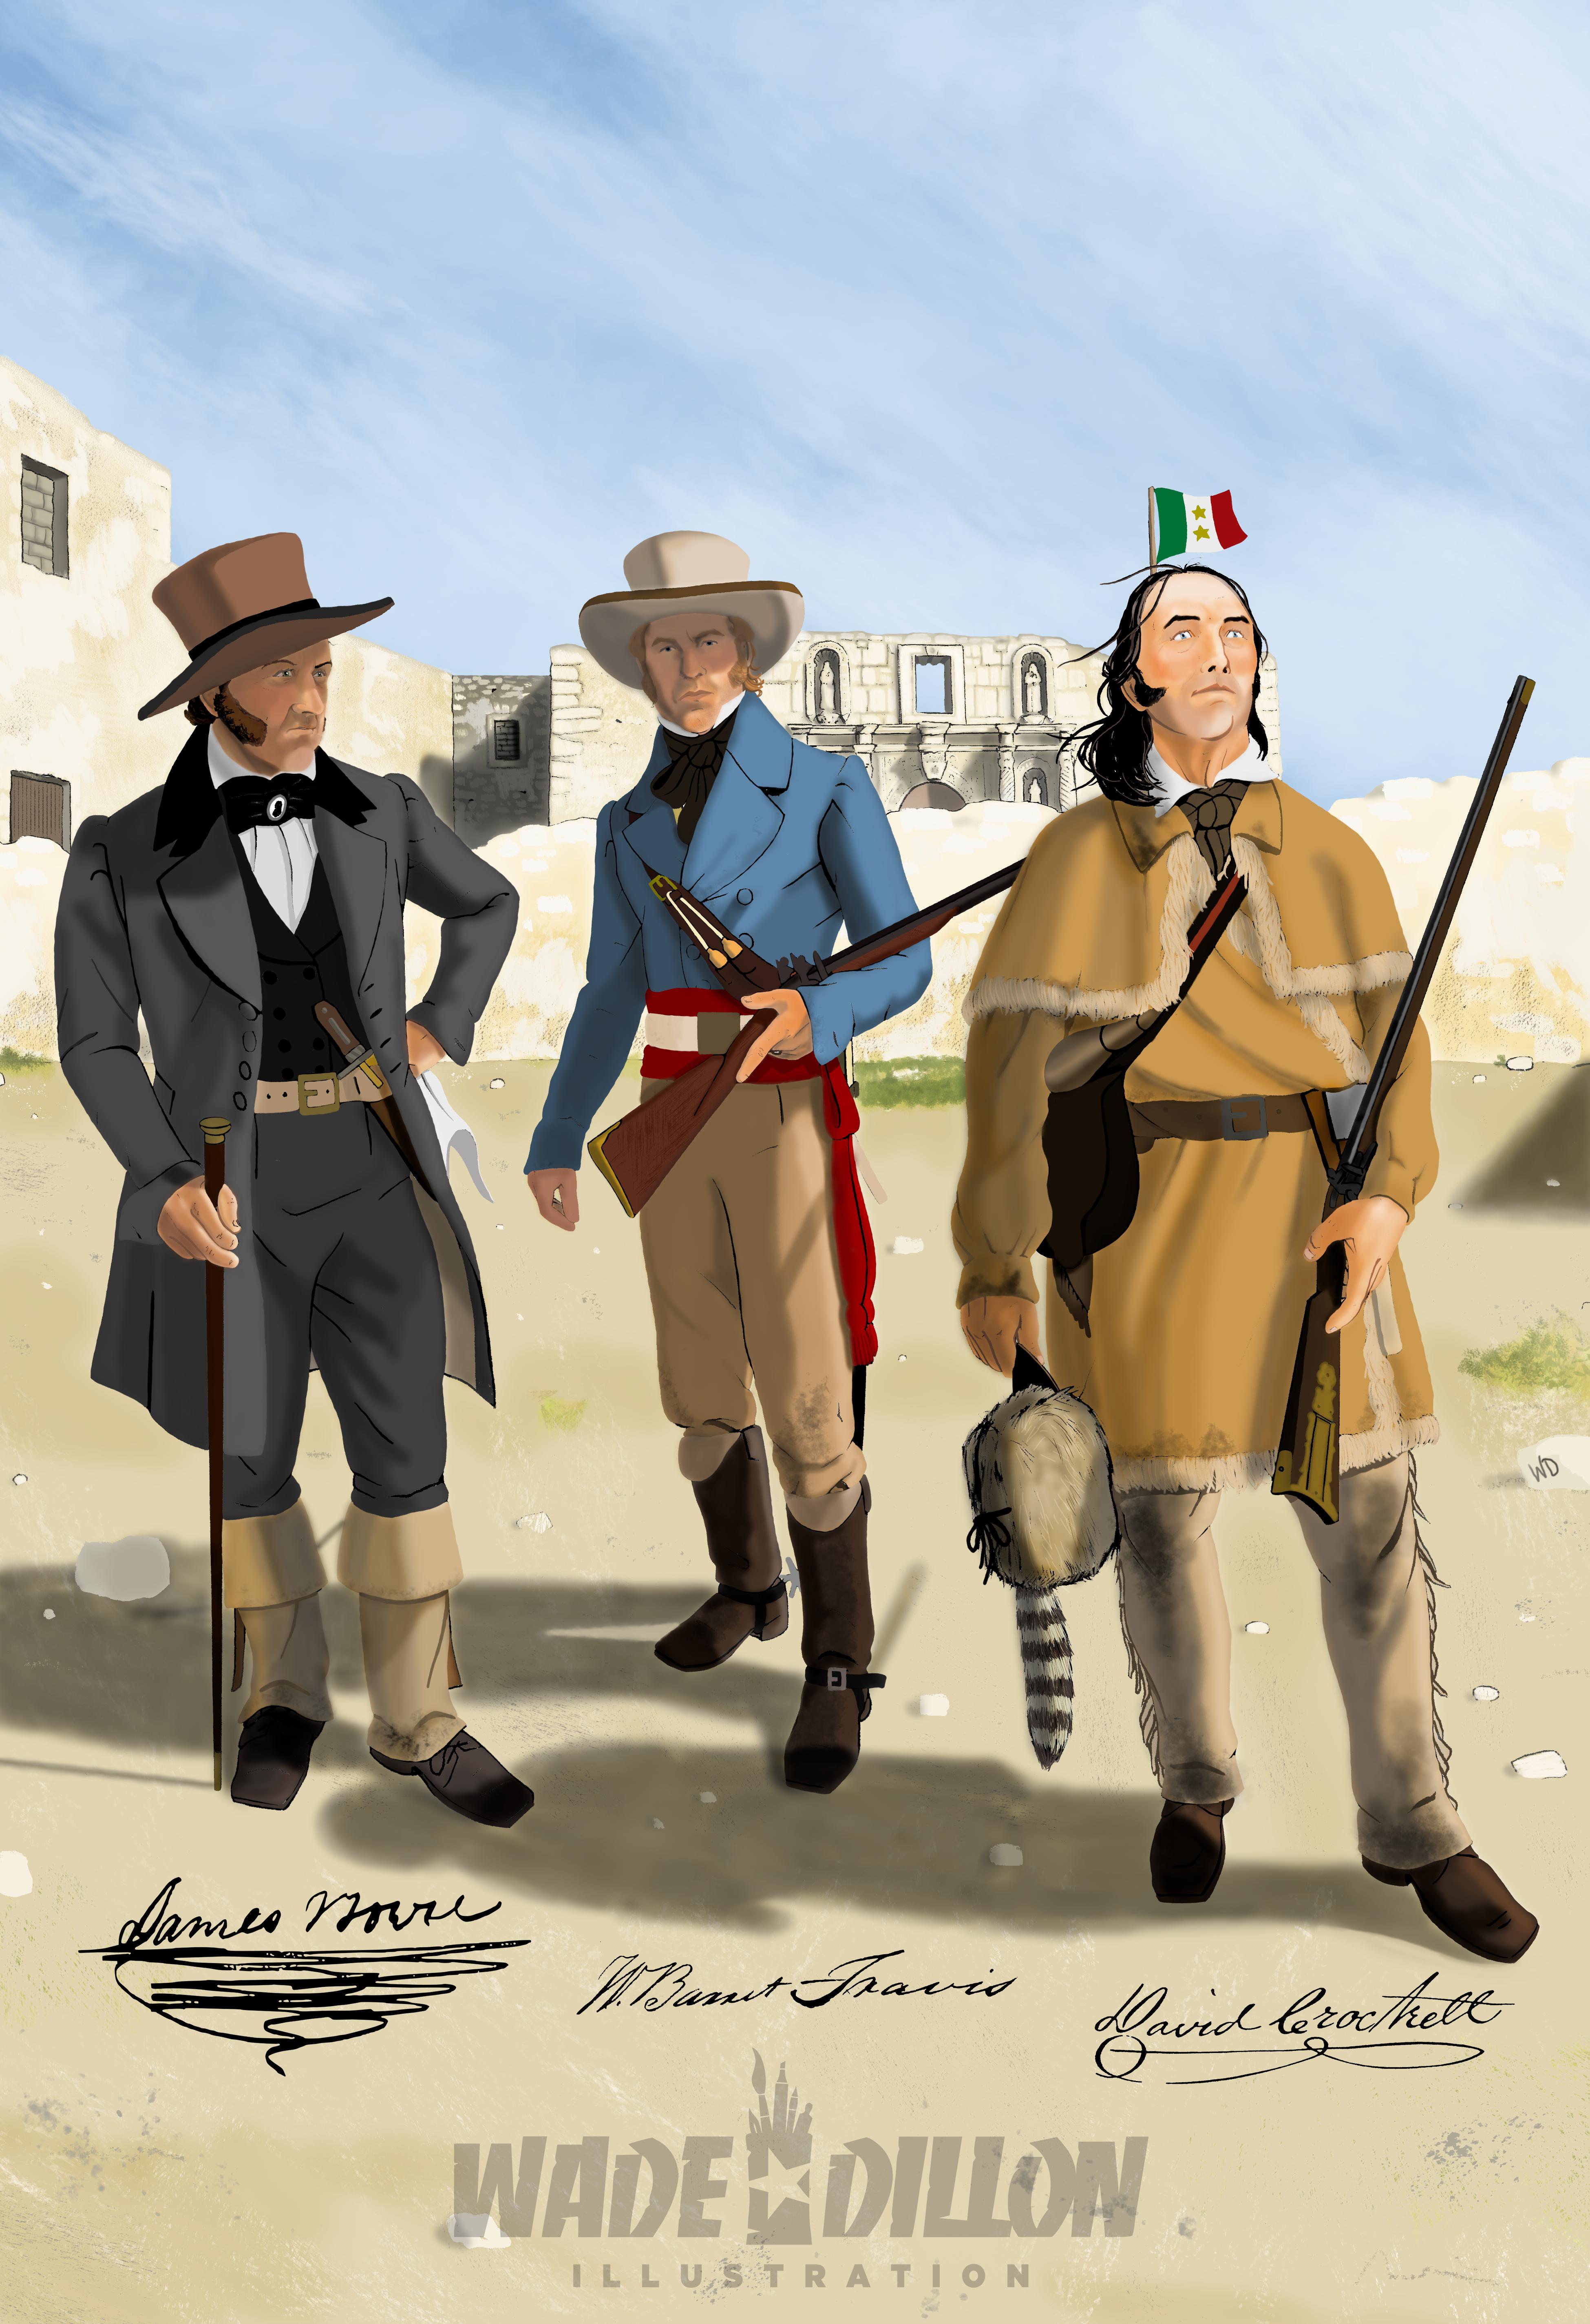 The Alamo Trinity